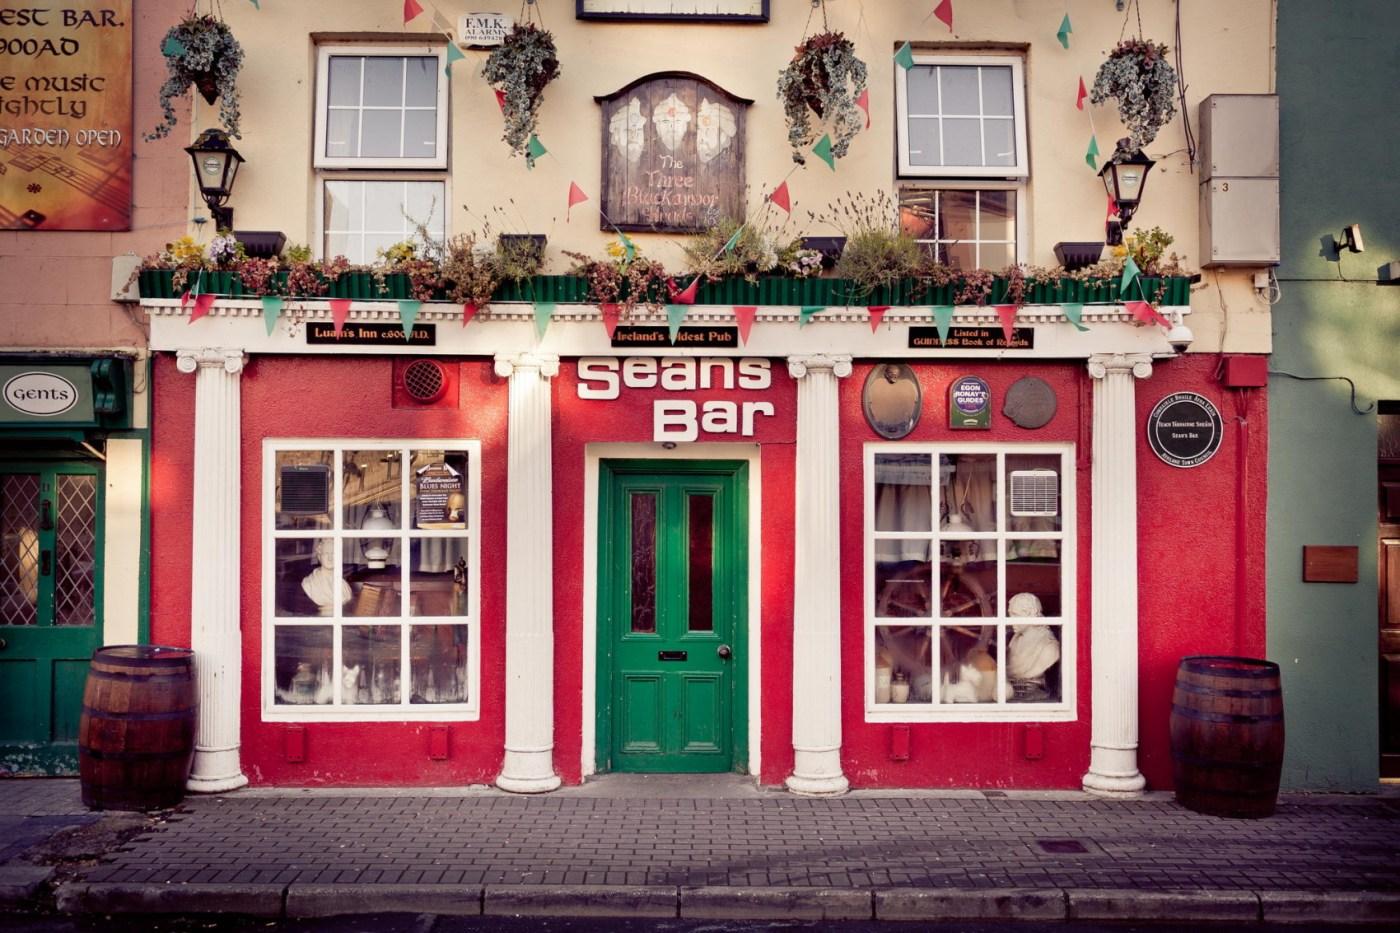 Sean's Bar Oldest Bar In the world